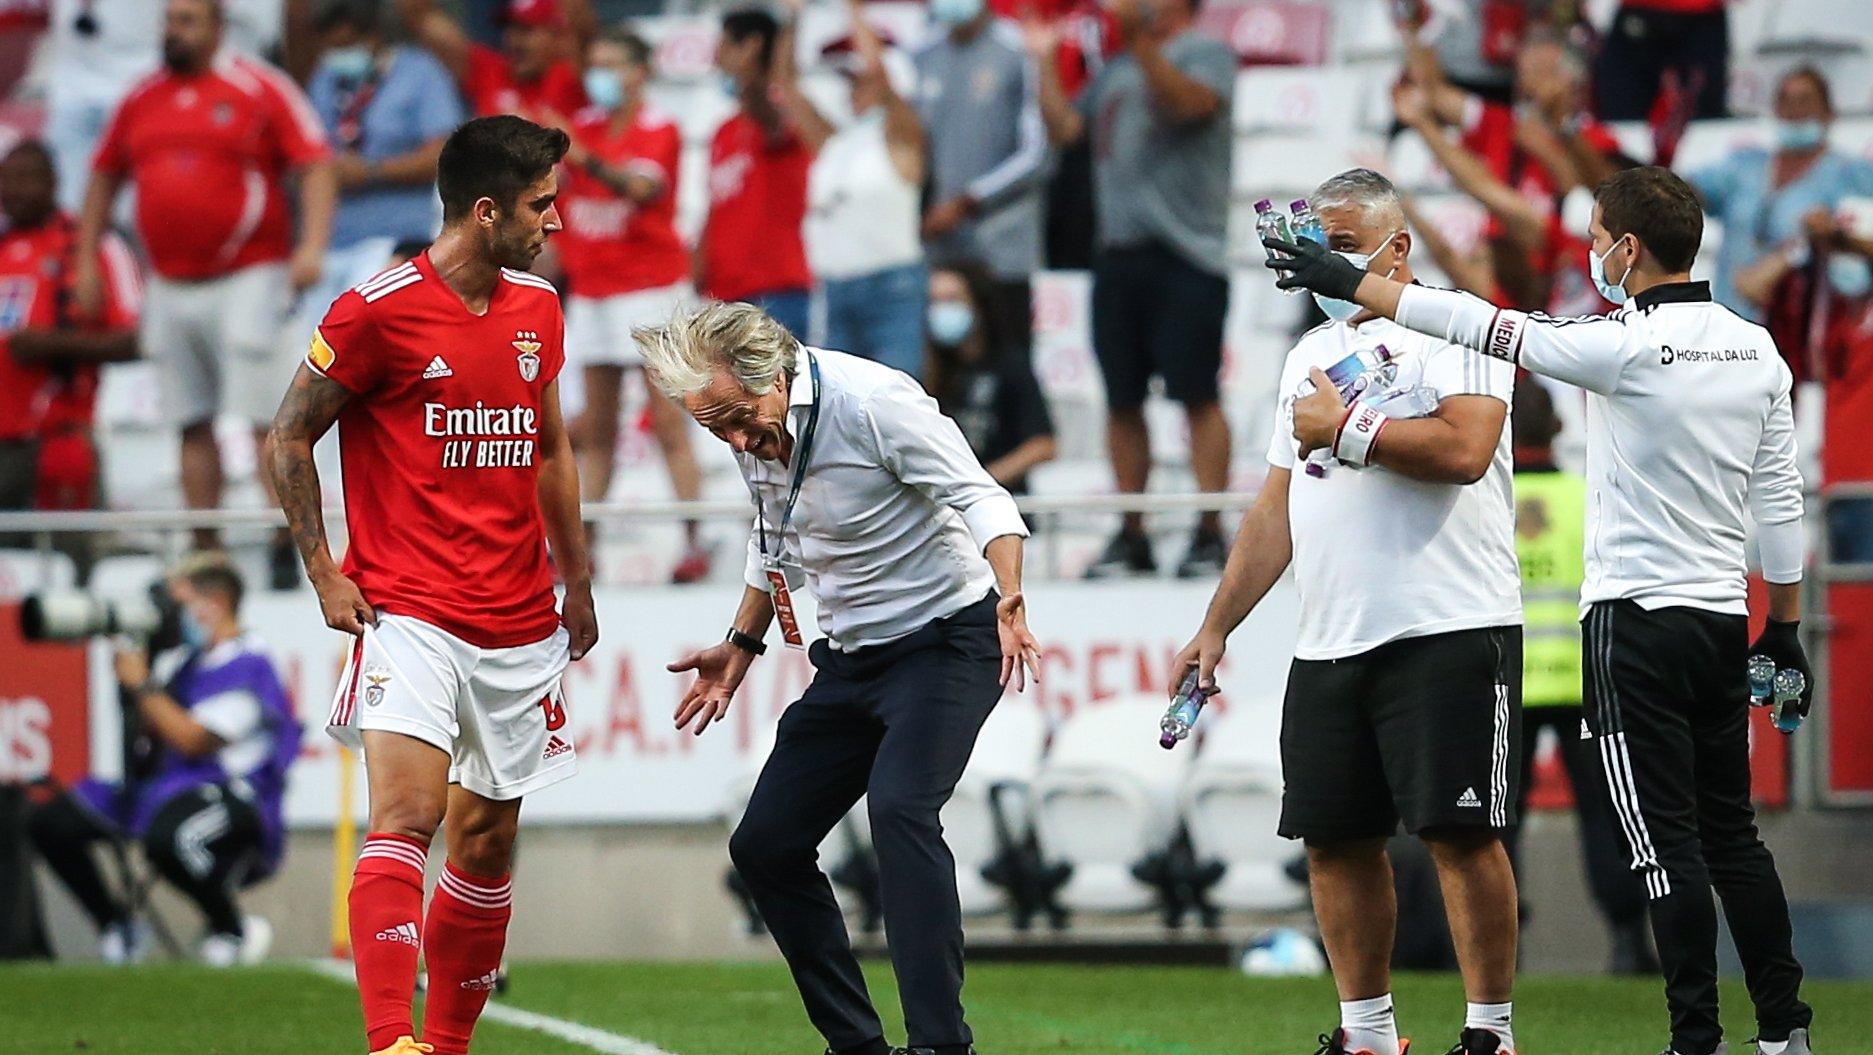 Treinador do Benfica Jorge Jesus (C) e Rodrigo Pinho (E) durante Benfica VS CD Tondela, no estádio da Luz, em Lisboa, Portugal, 29 August 2021. EPA/RODRIGO ANTUNES